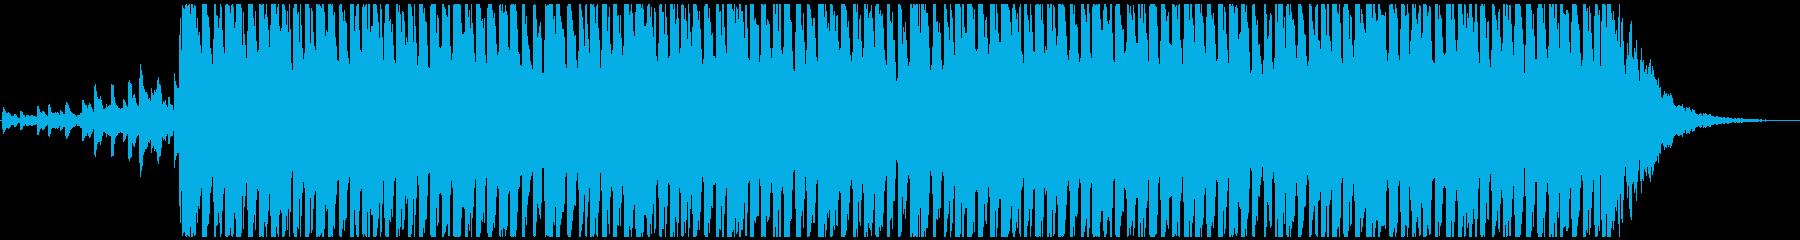 生アコギ、ピアノ、軽快、爽快、シンプルの再生済みの波形